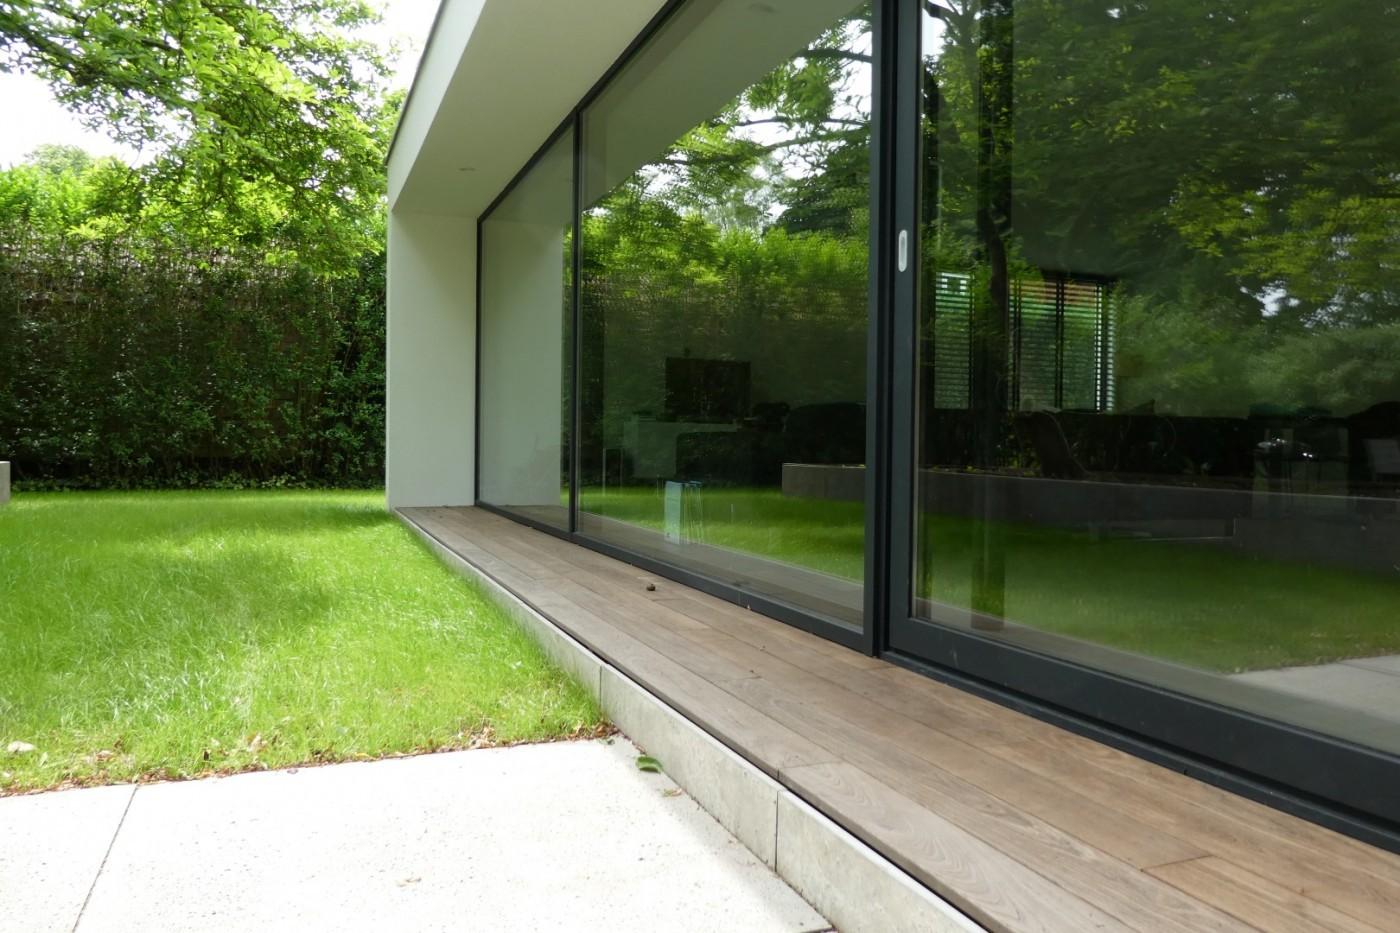 De grote glasoppervlakken zorgen voor veel daglicht binnen.